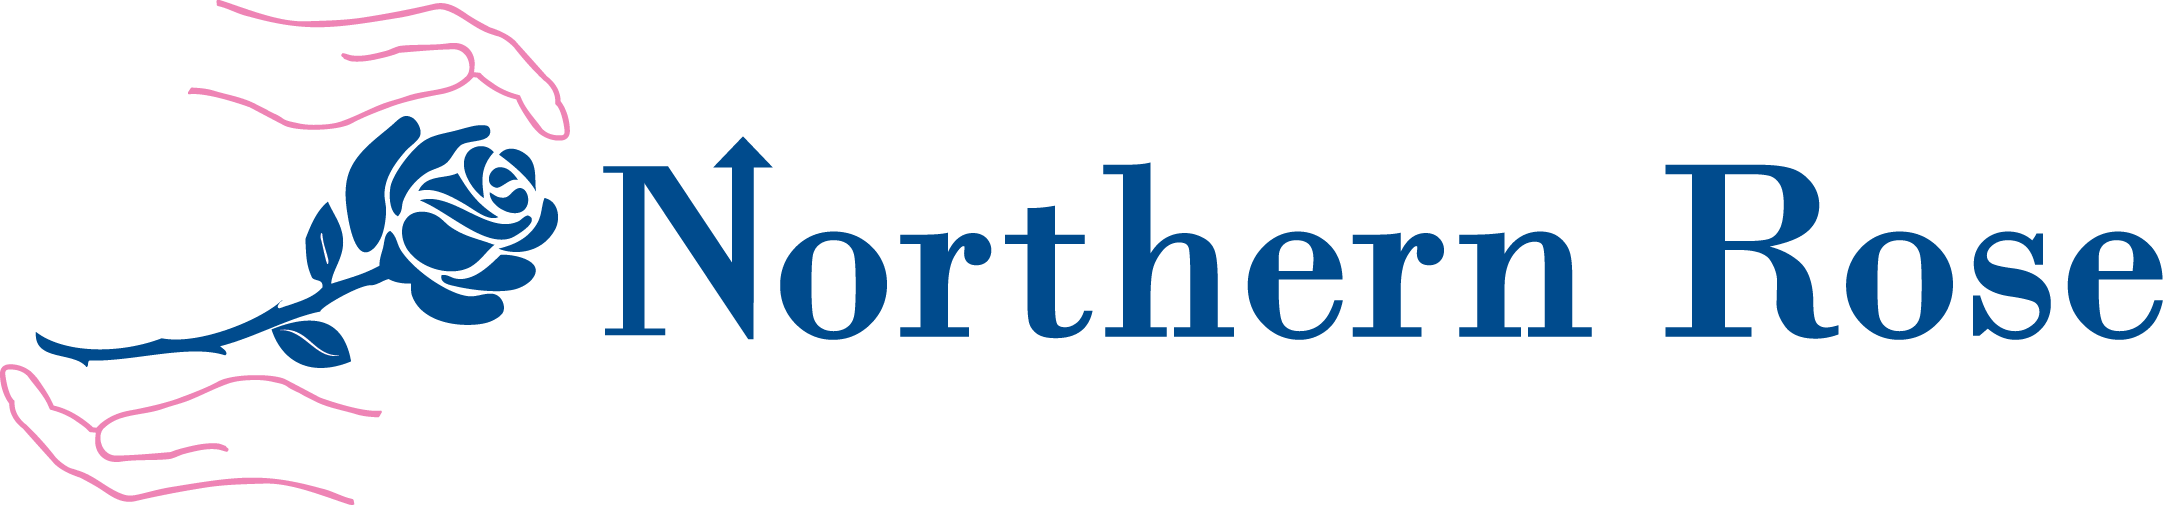 northern rose logo